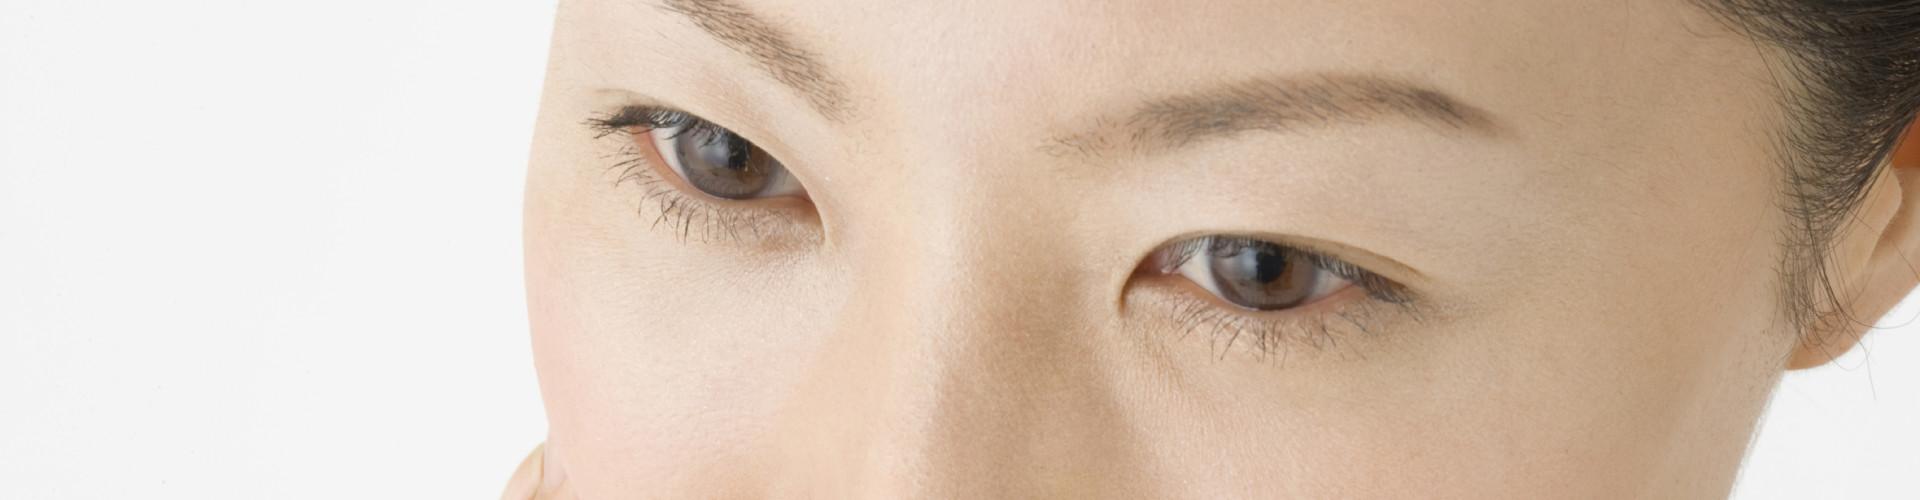 Cosmetische huidverzorging